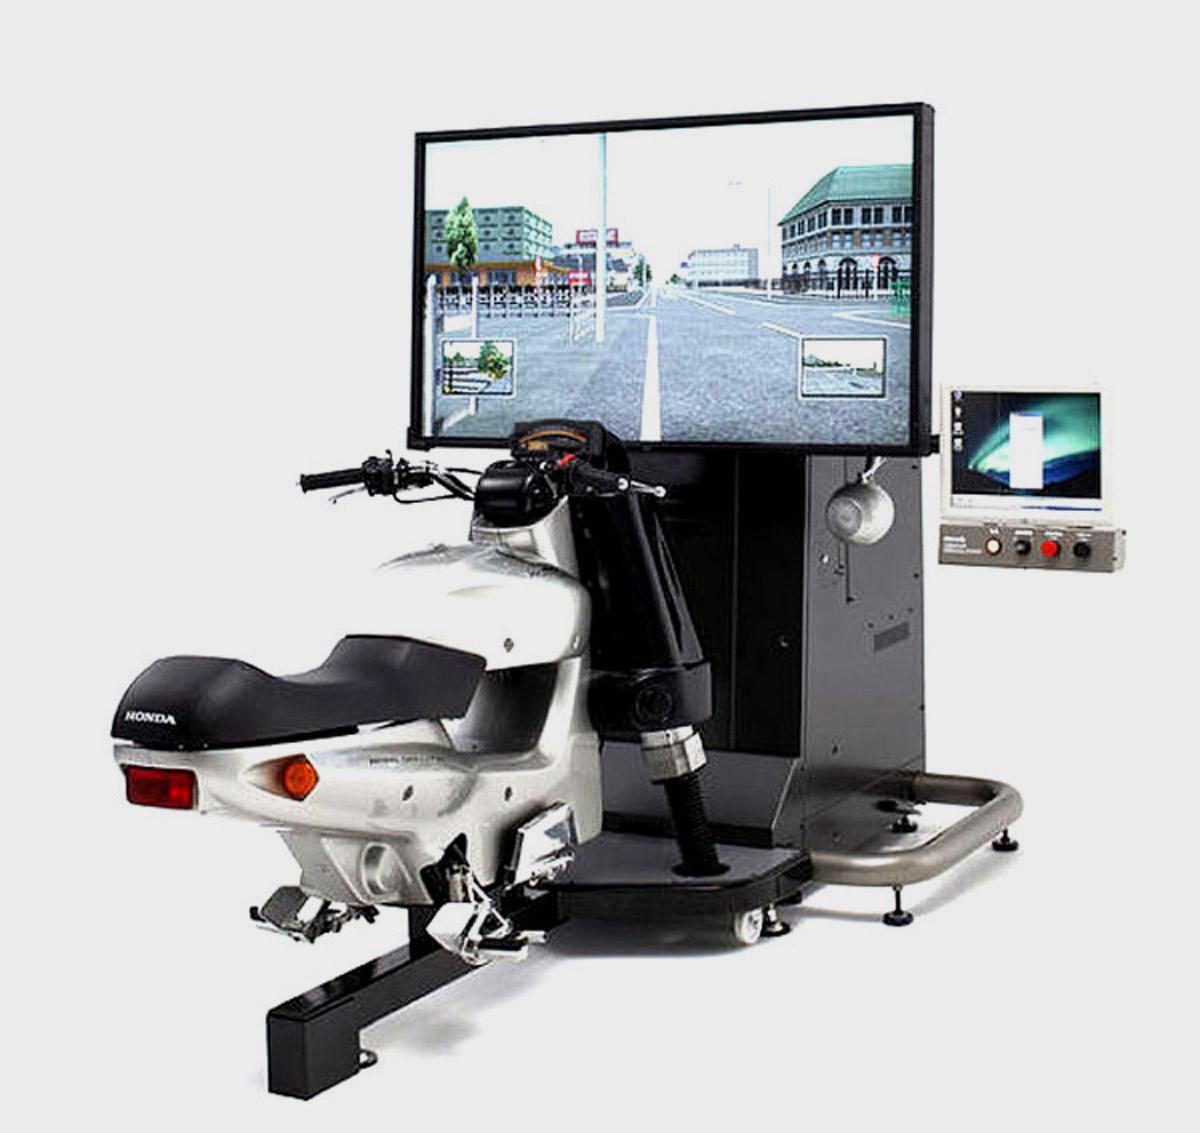 安全体验虚拟摩托